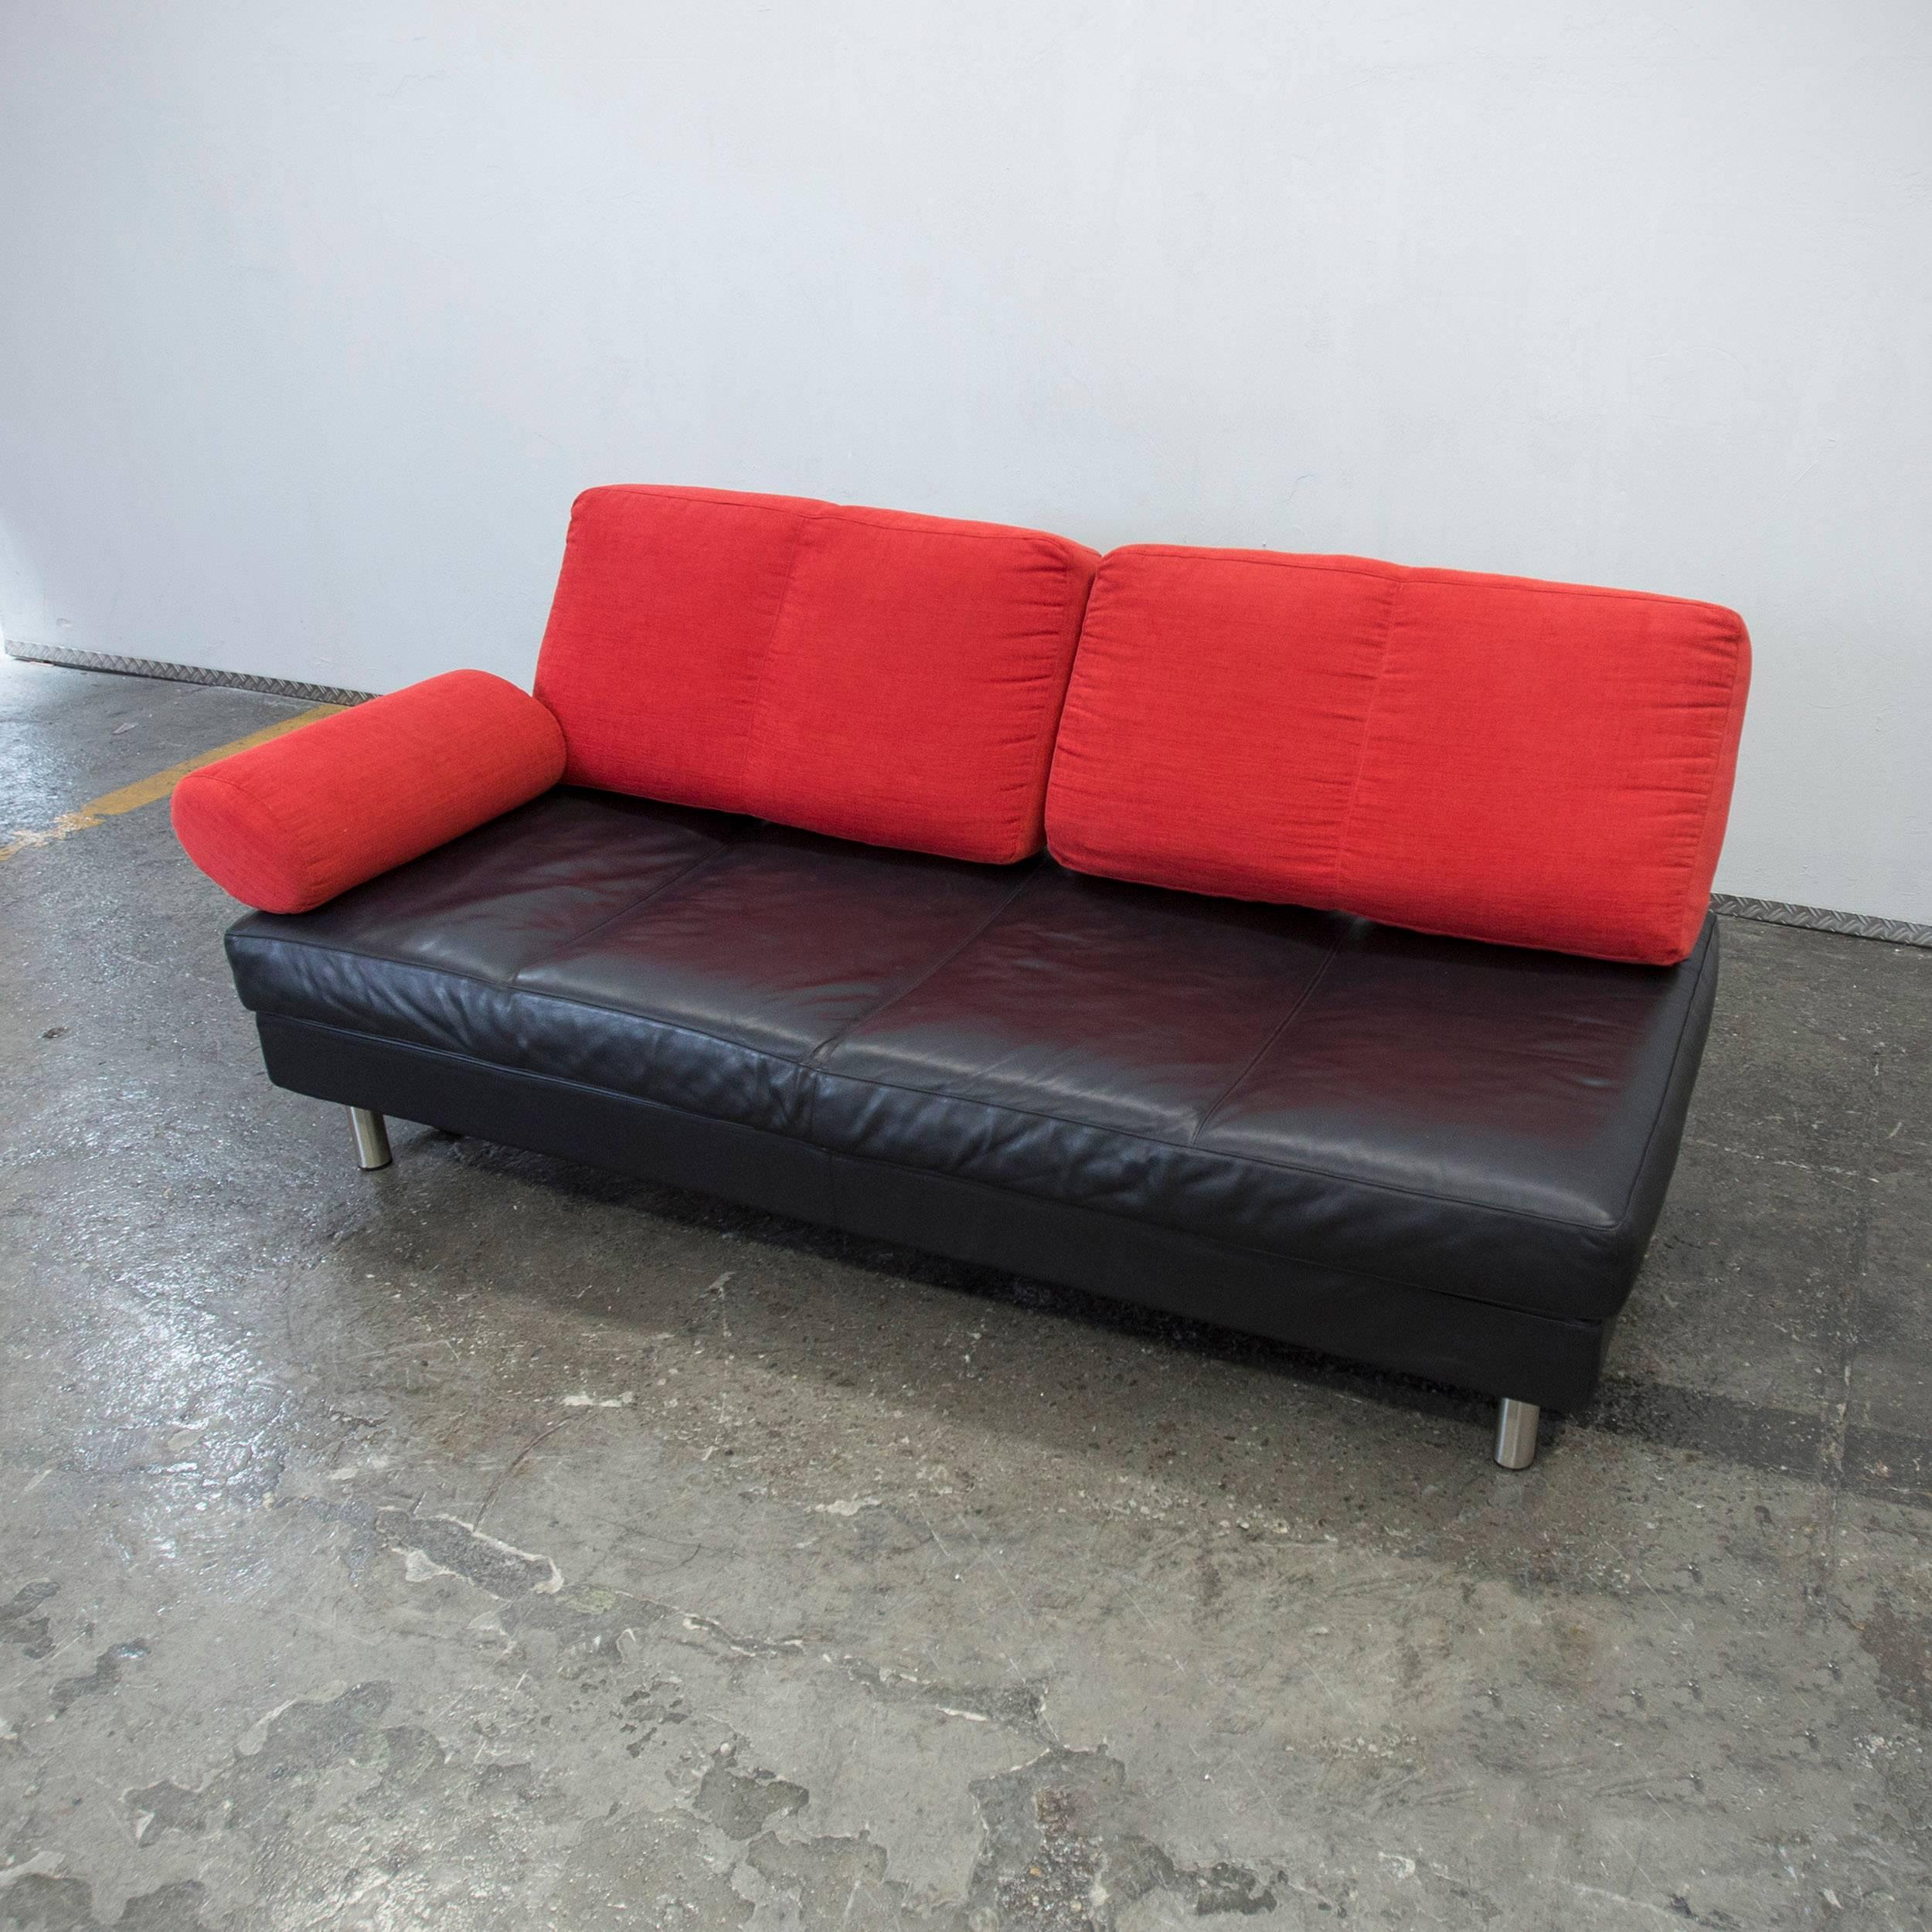 black and red leather sofa striped fabric zanotta brevetatto designer three seat italian modern for sale